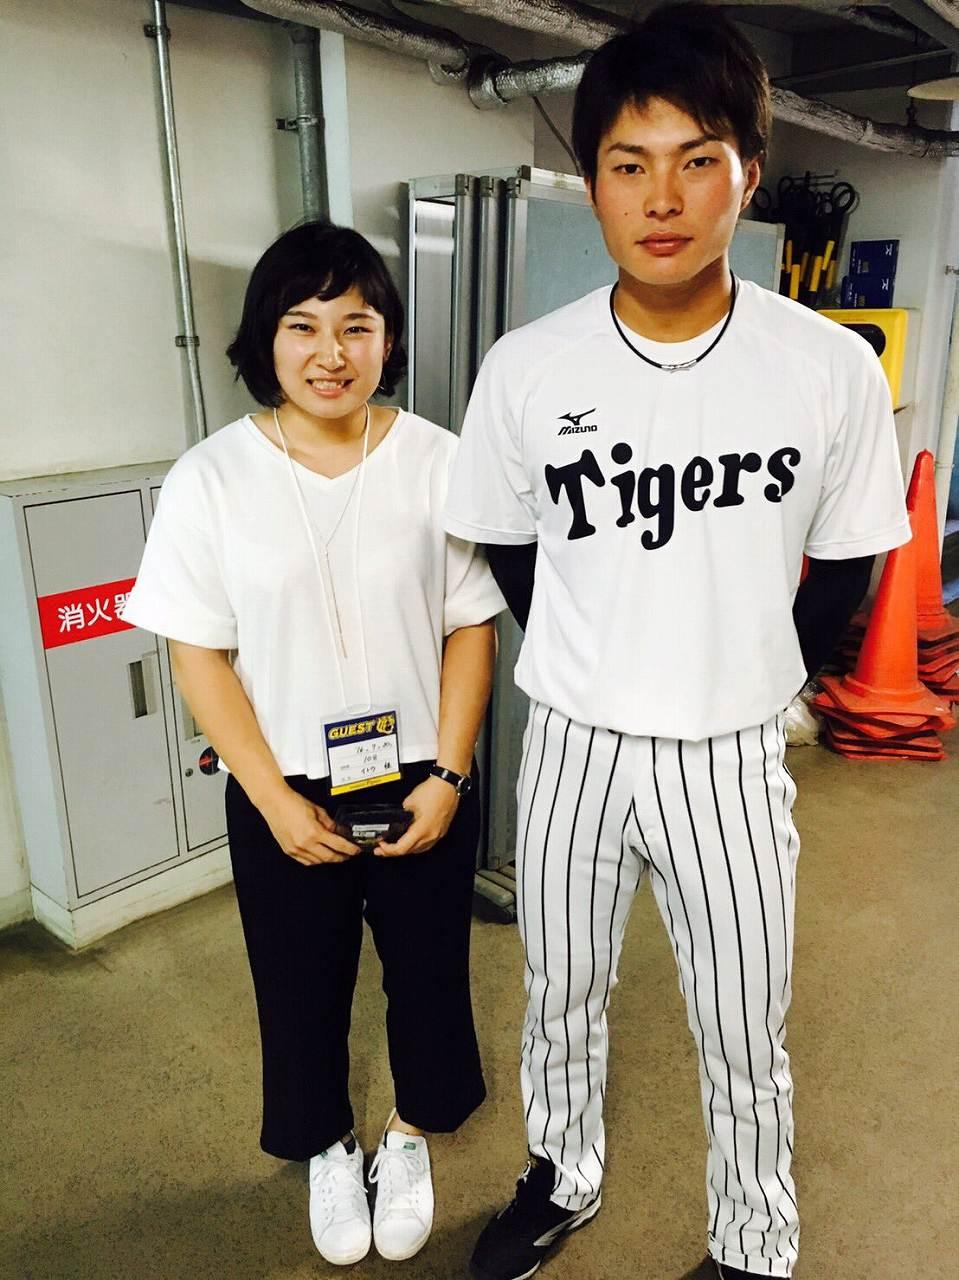 土性沙羅と野球選手のツーショット